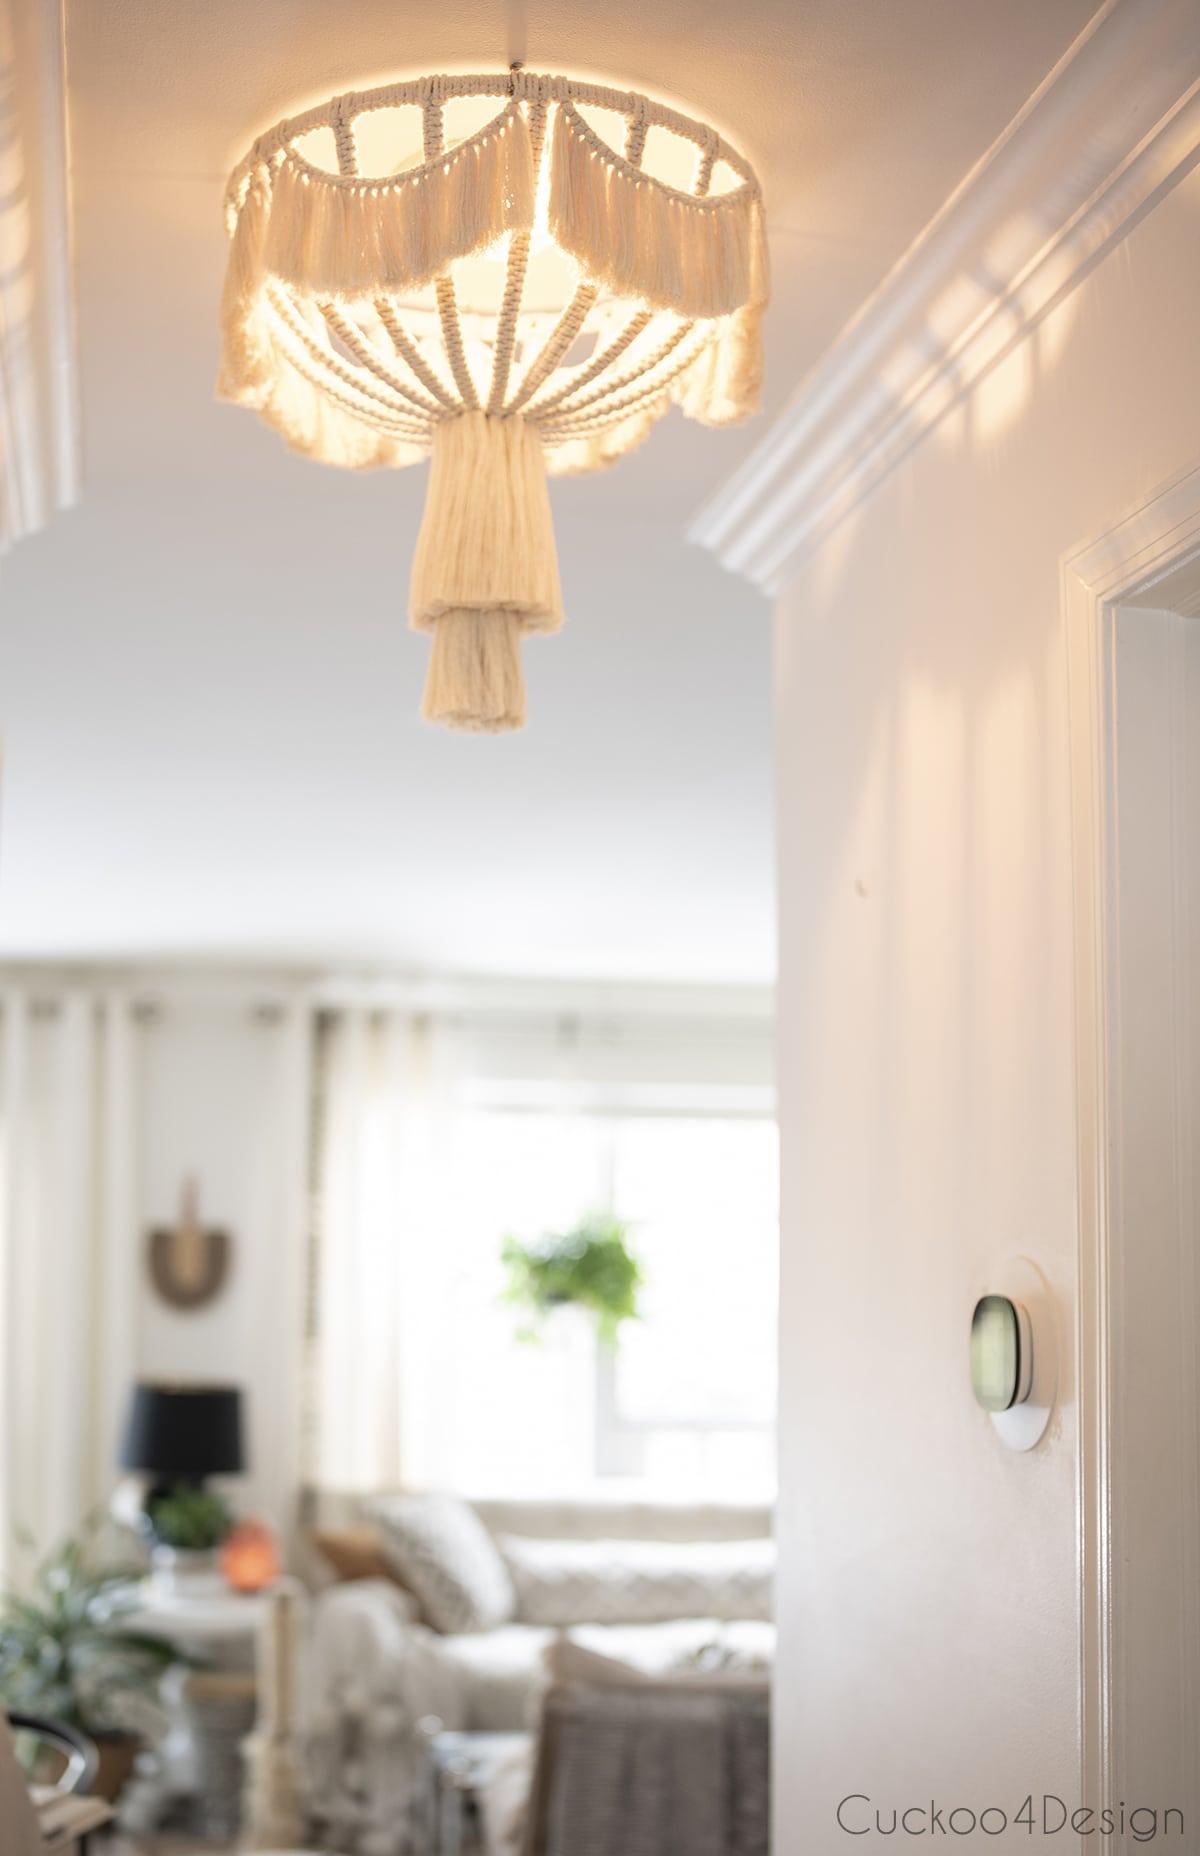 lit macrame ceiling fixture in hallway